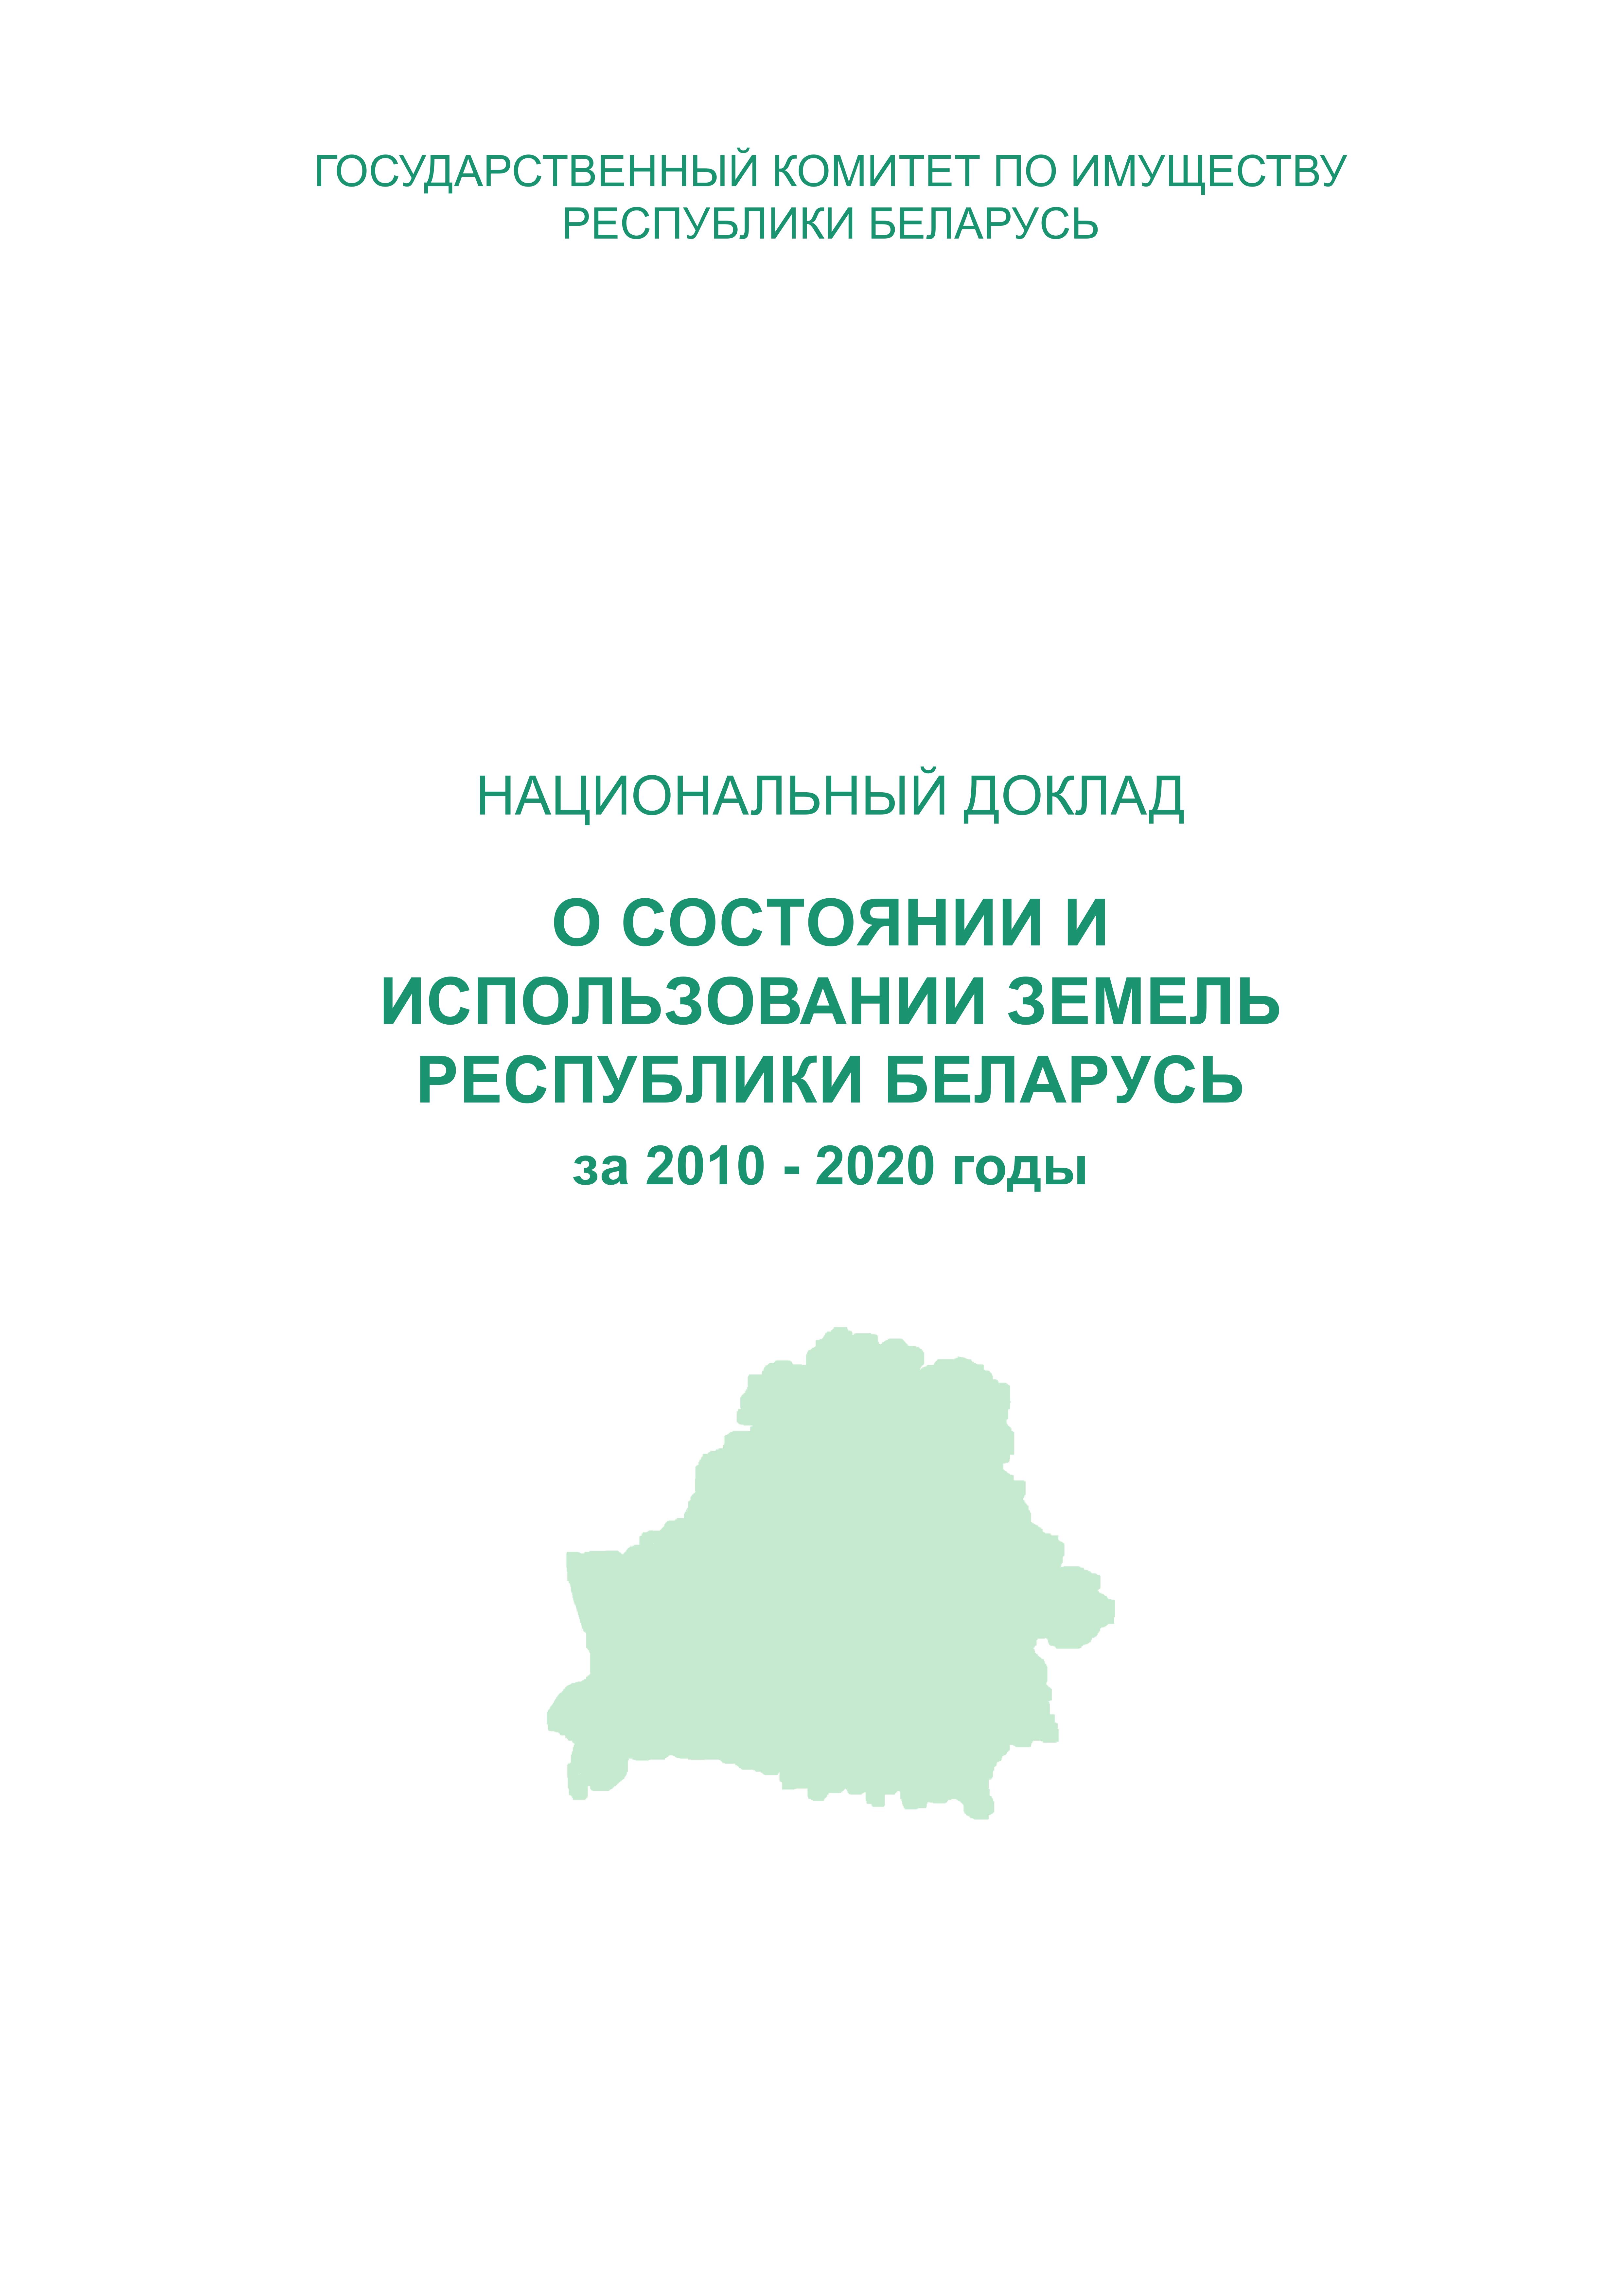 Доклад про республику беларусь 4919